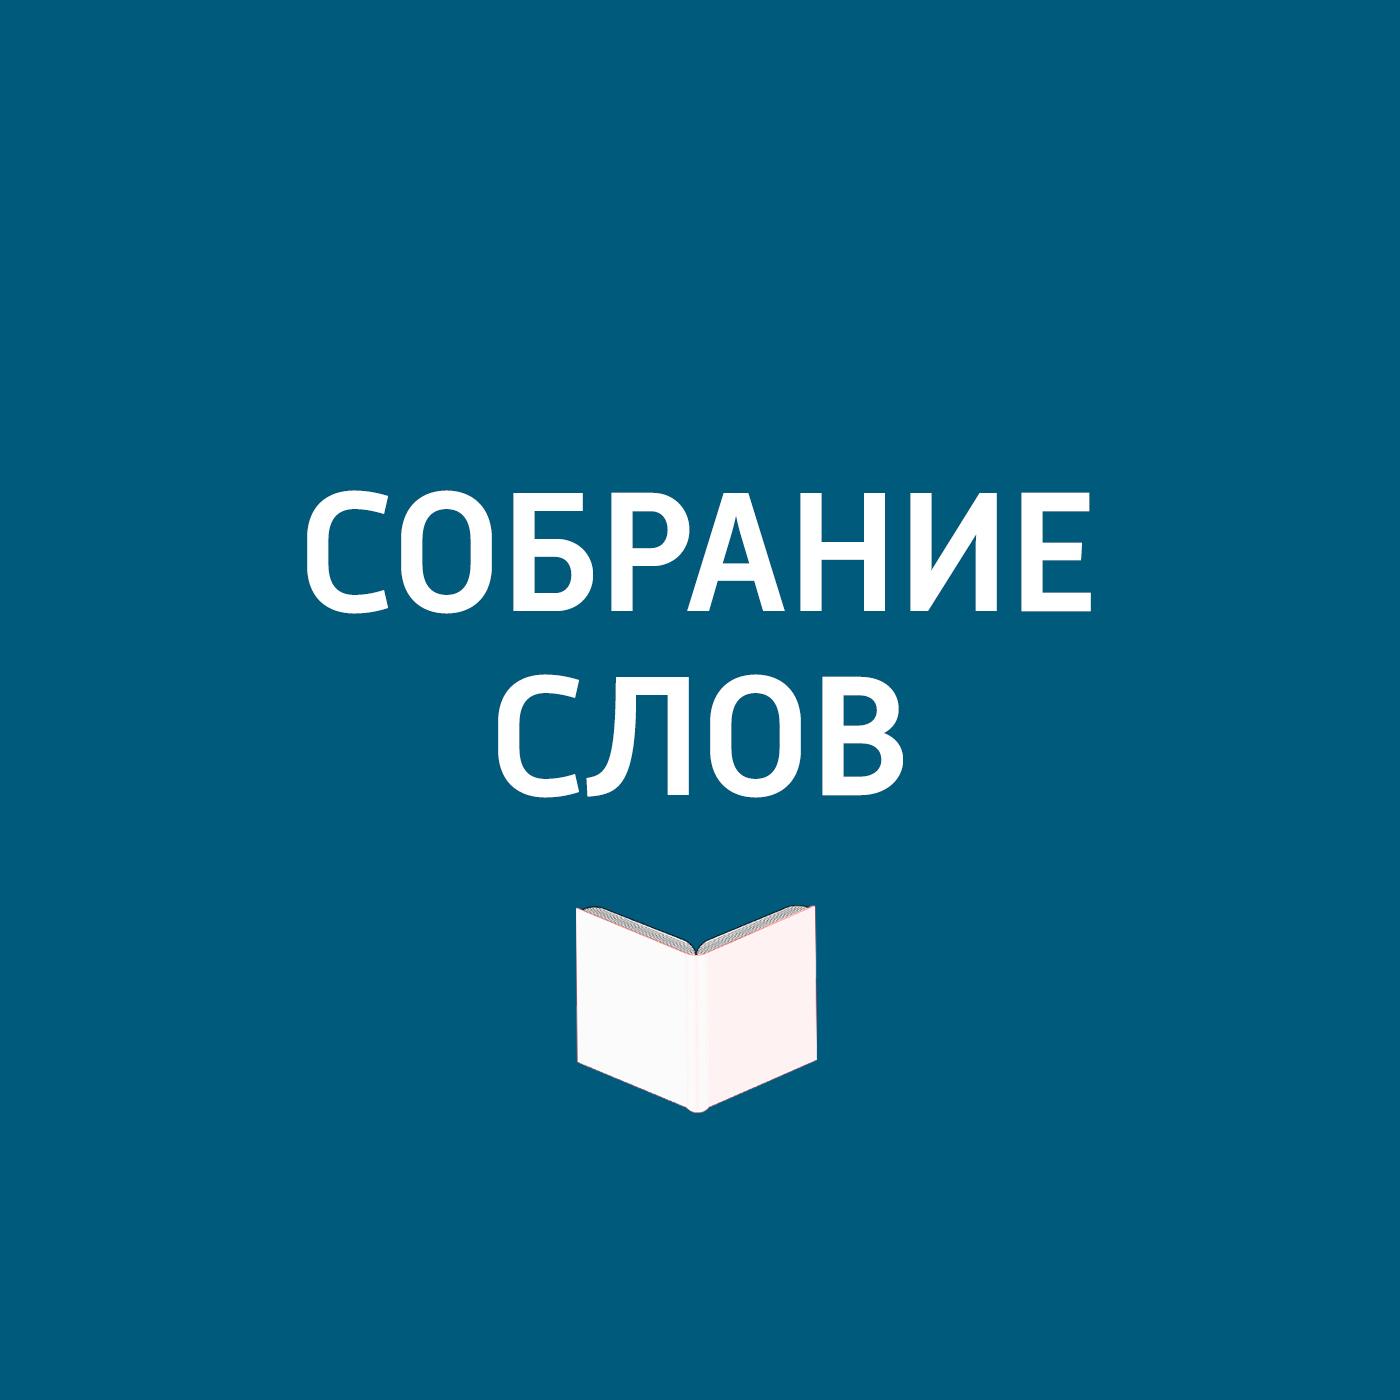 Творческий коллектив программы «Собрание слов» Выставка «Некто 1917. Революция 1917 года в искусстве